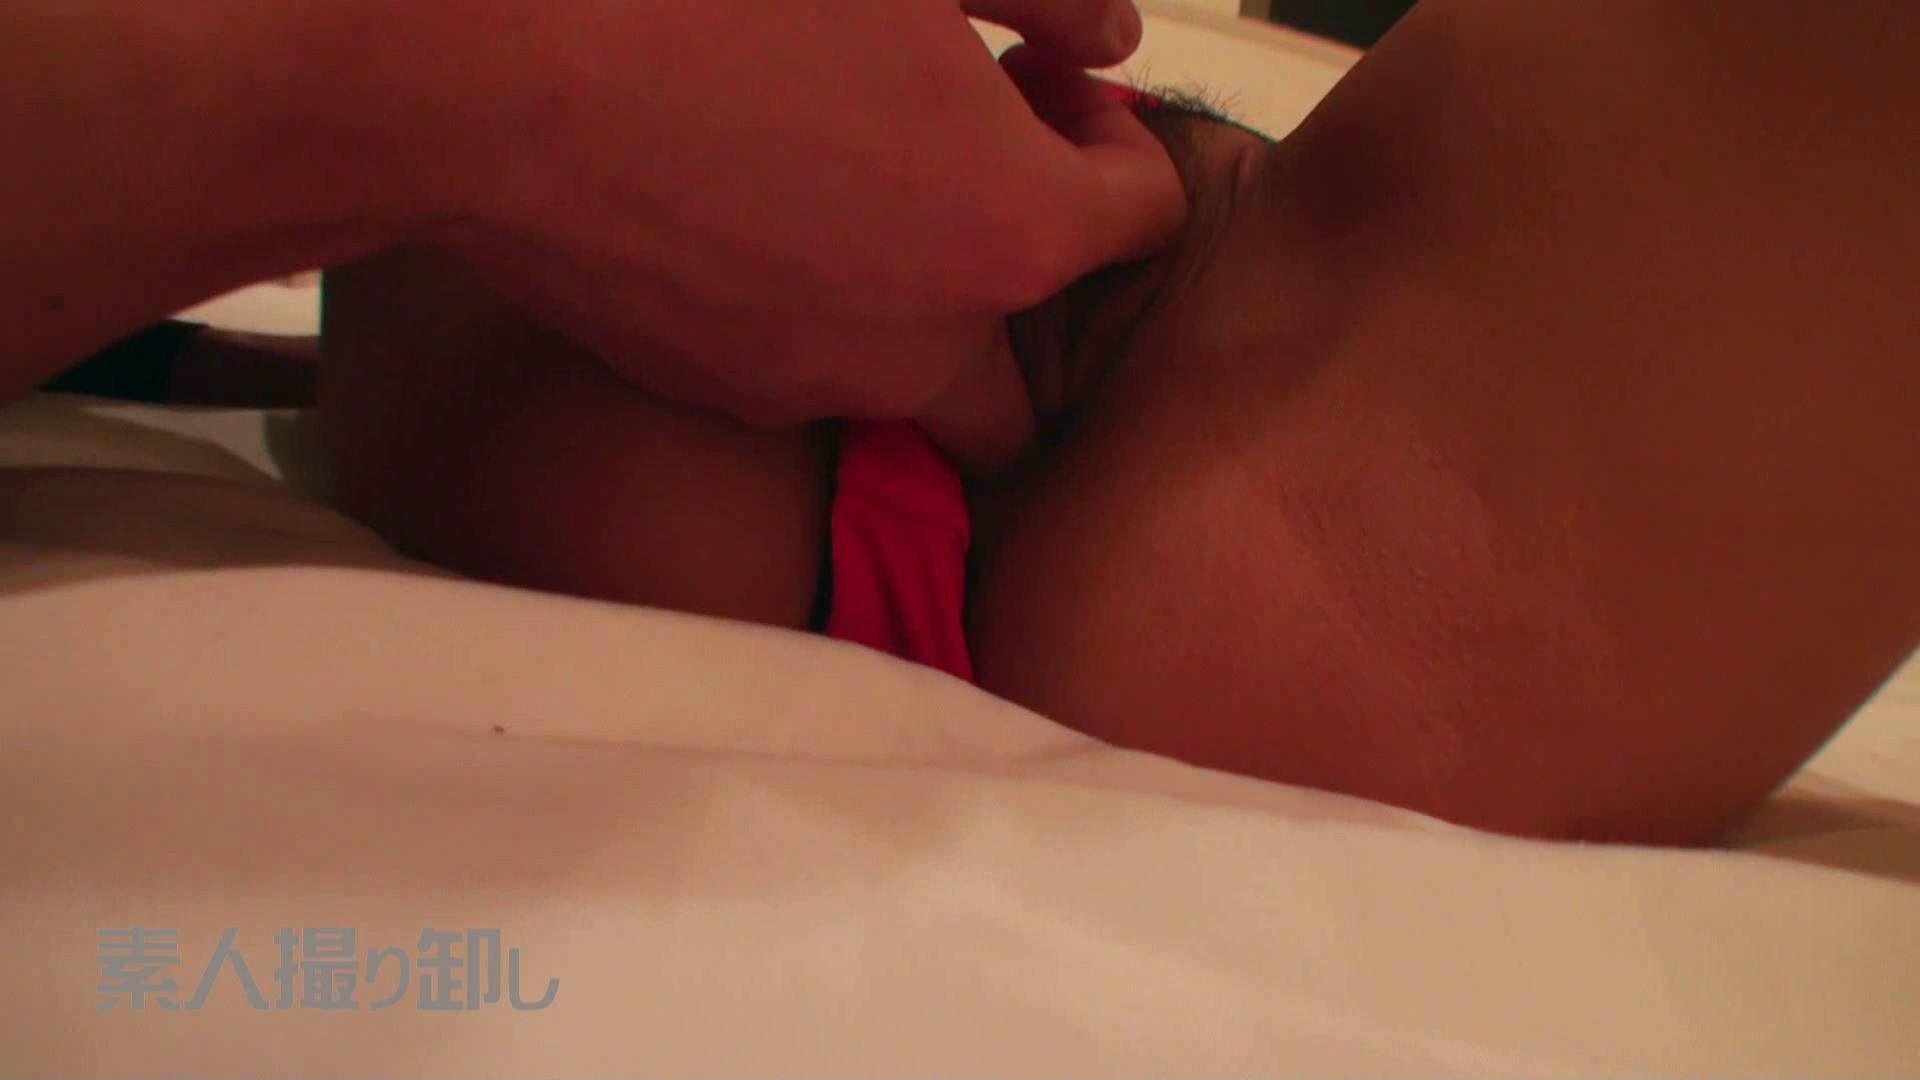 素人完全撮り卸し rika 喘ぎ スケベ動画紹介 81pic 44